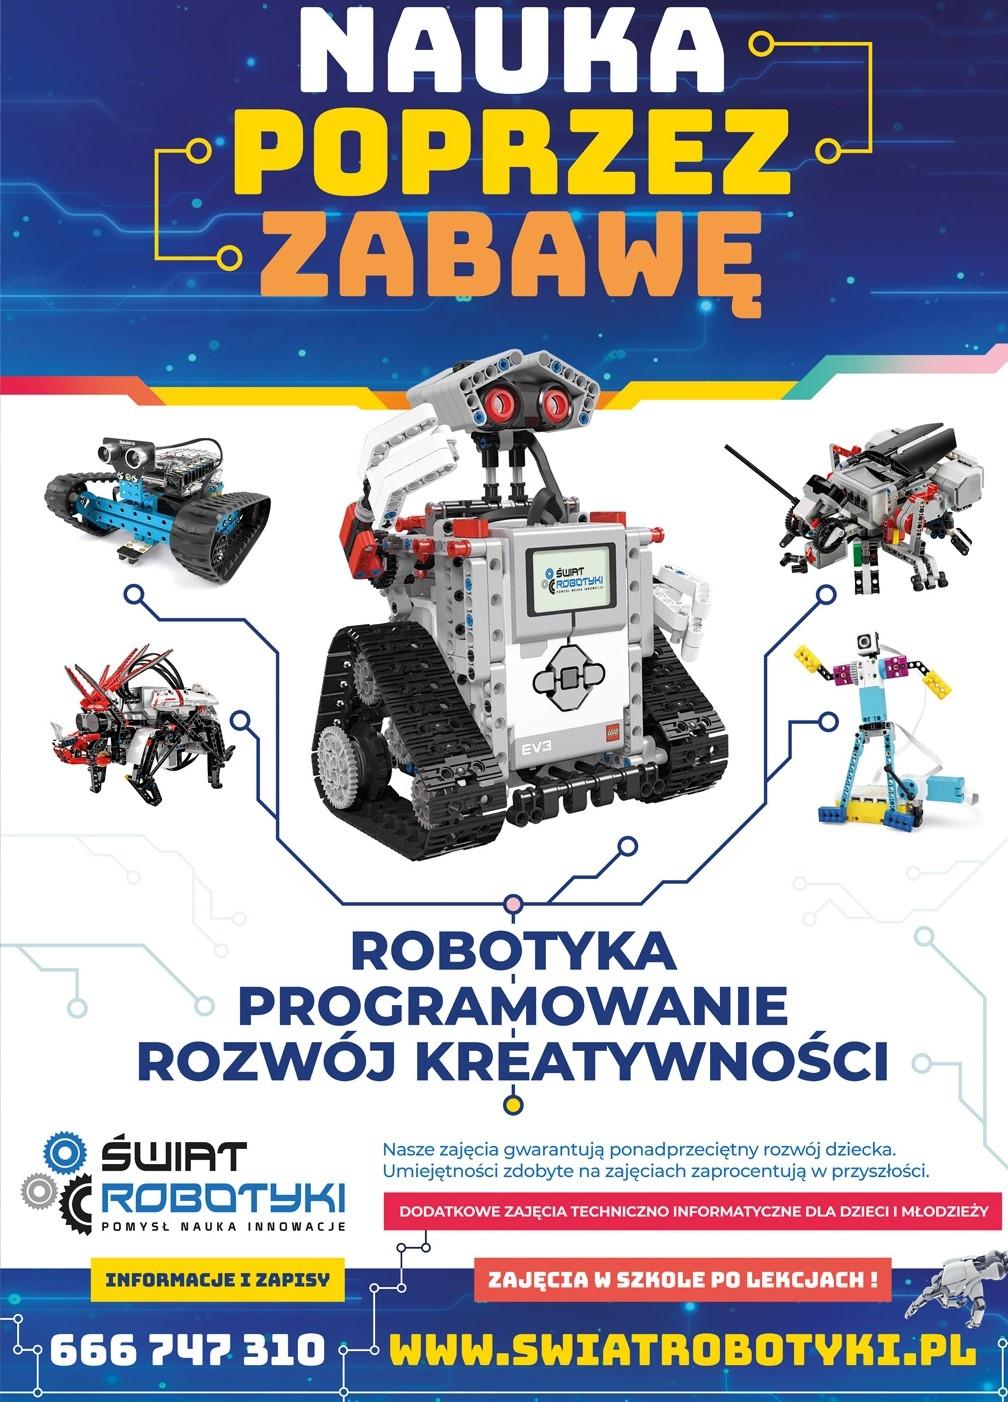 O robotach dla dzieci - Zdjęcie główne